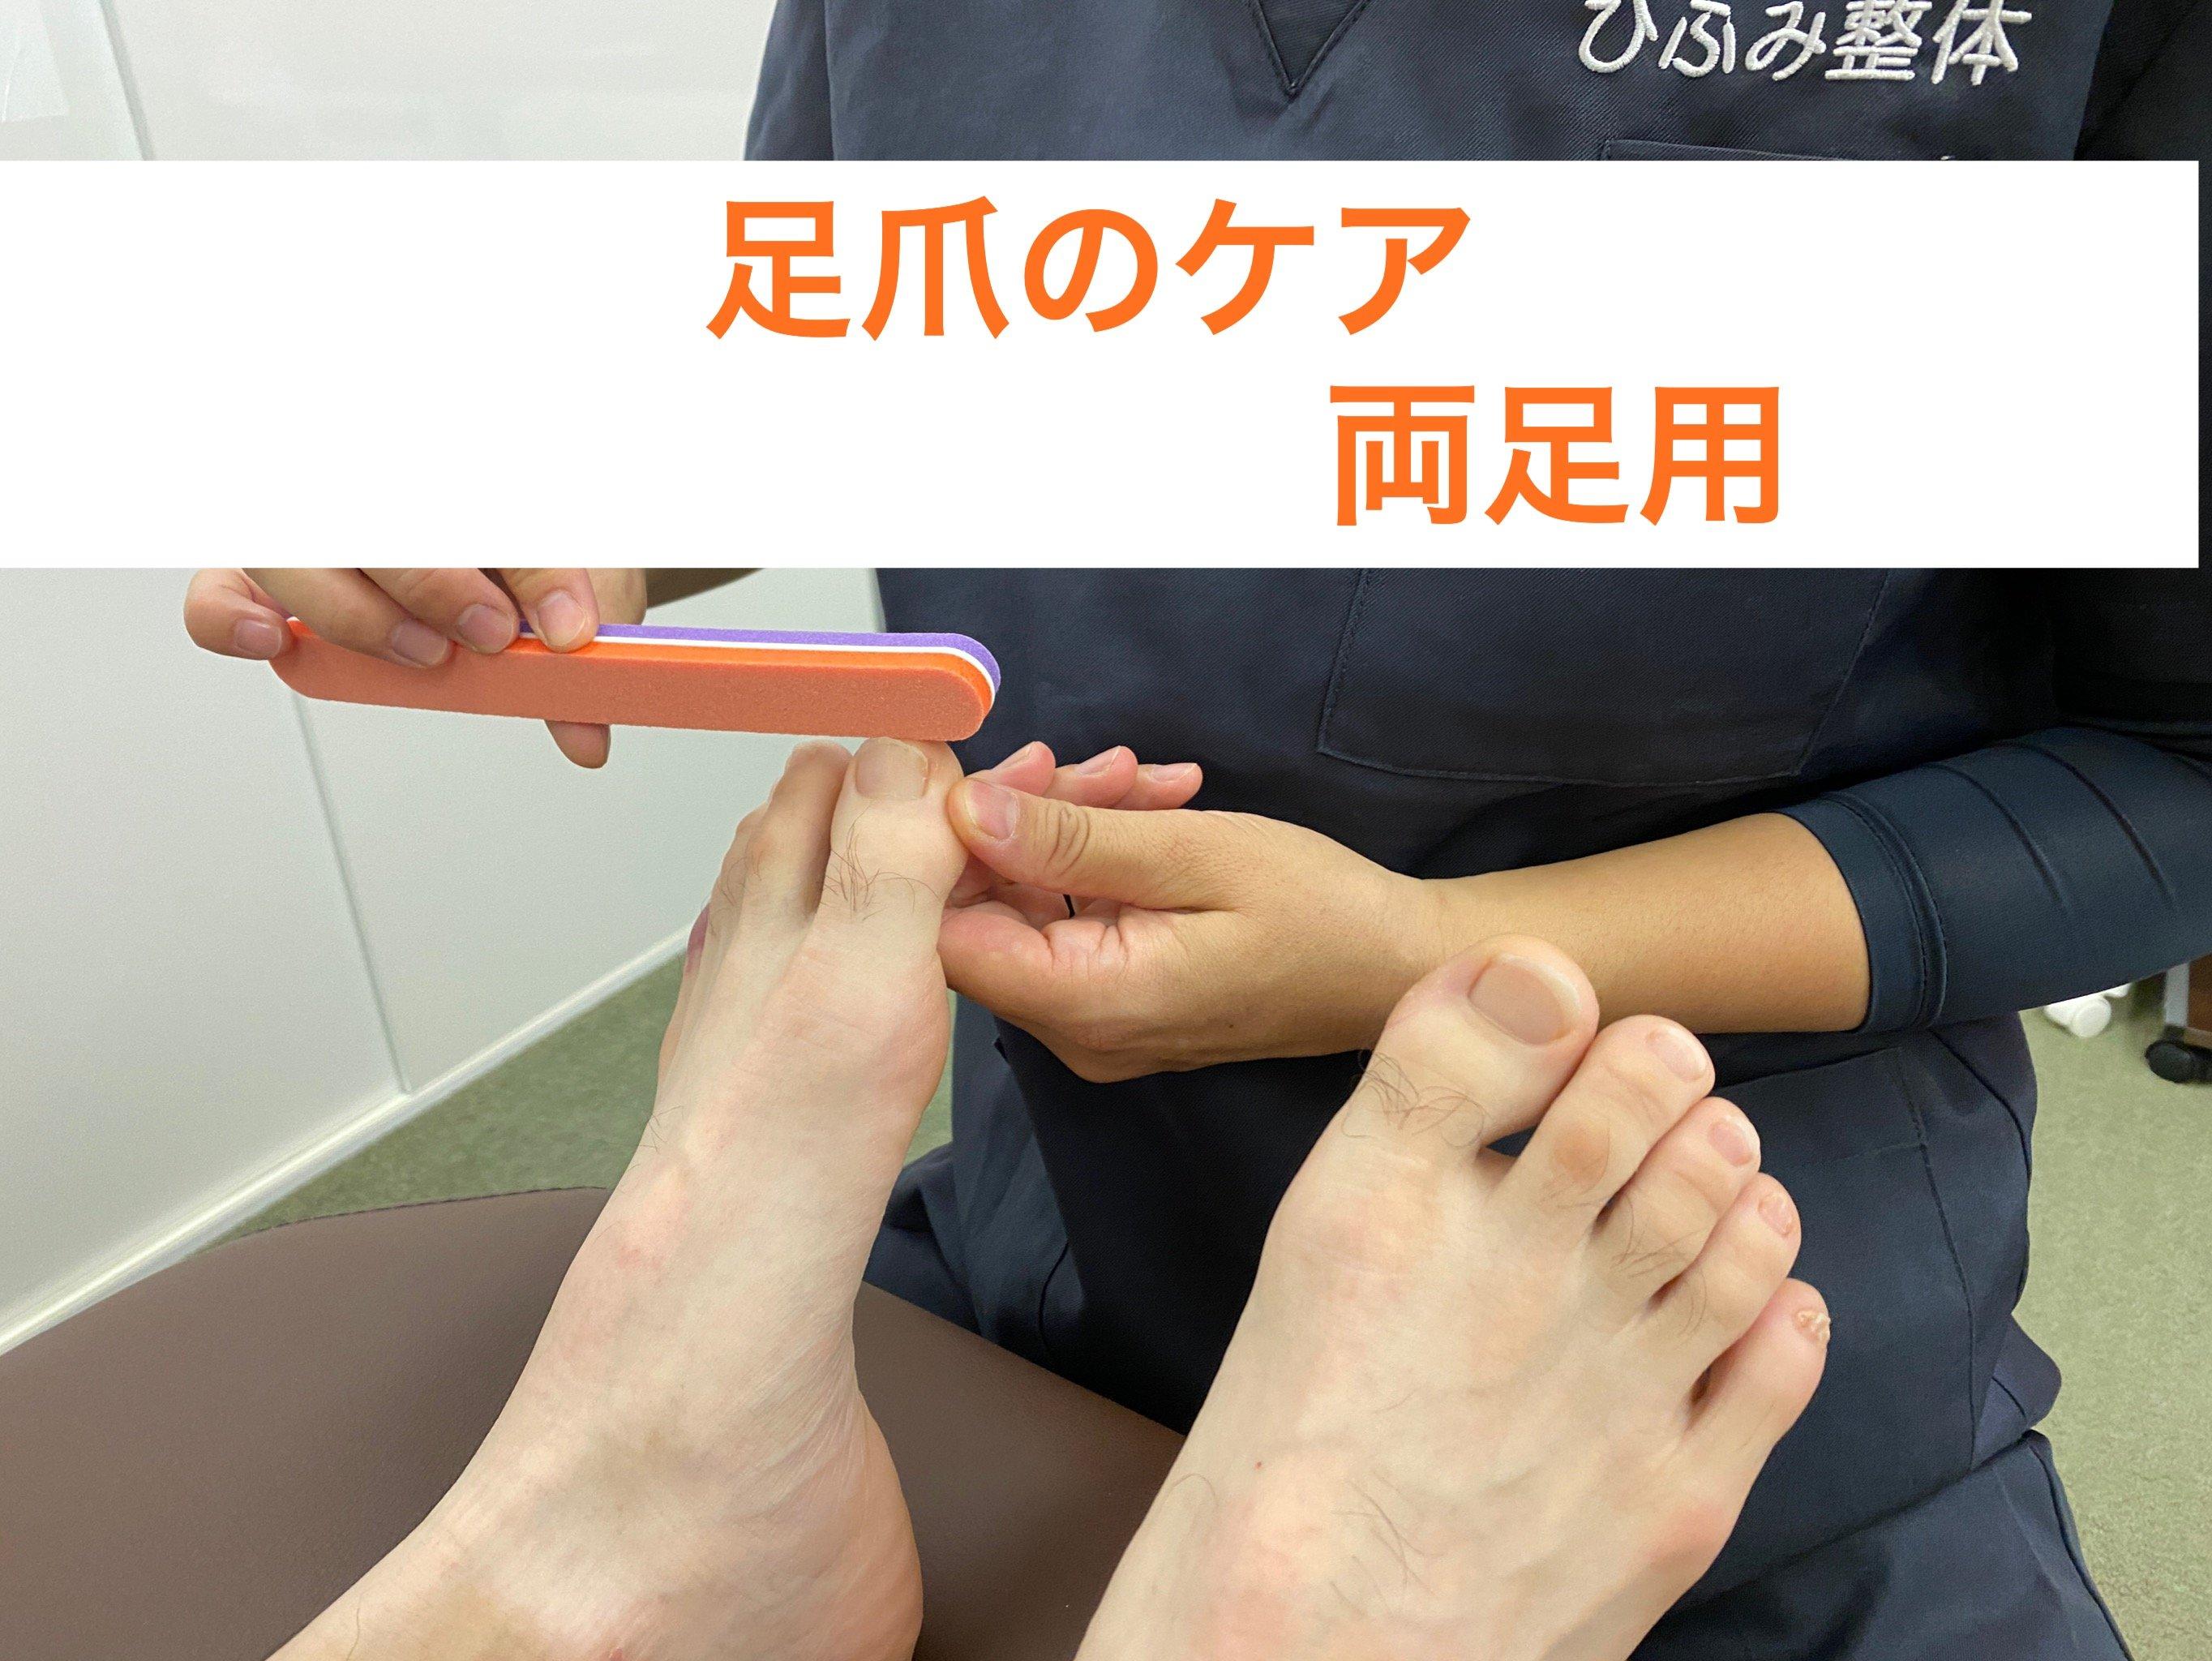 【両足用 足爪のケア】 肥厚爪のケアやカットができない方へのイメージその1